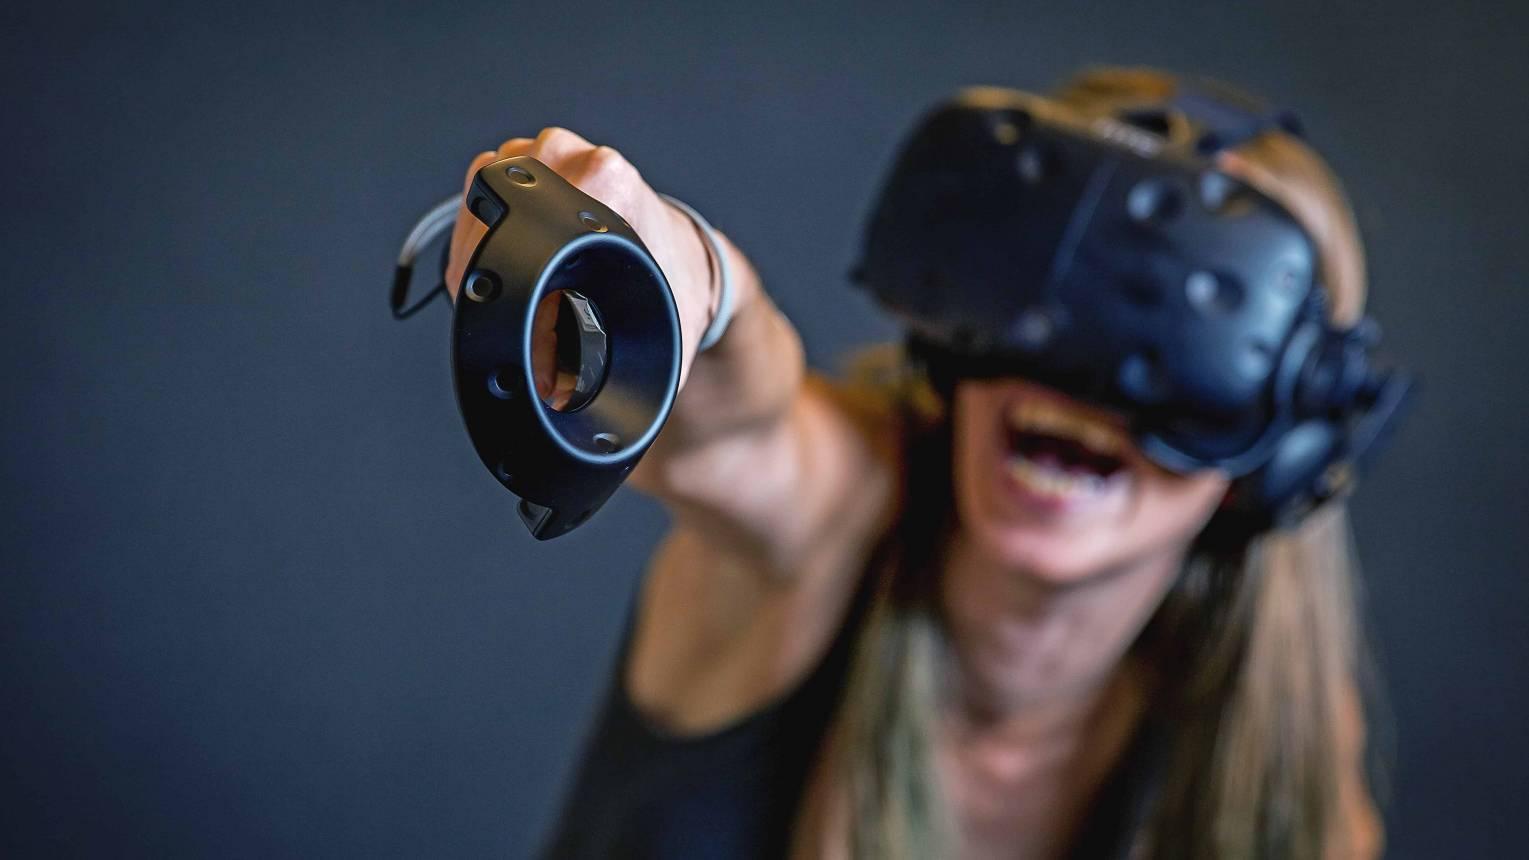 Belépő a virtuális valóságba 6 főnek